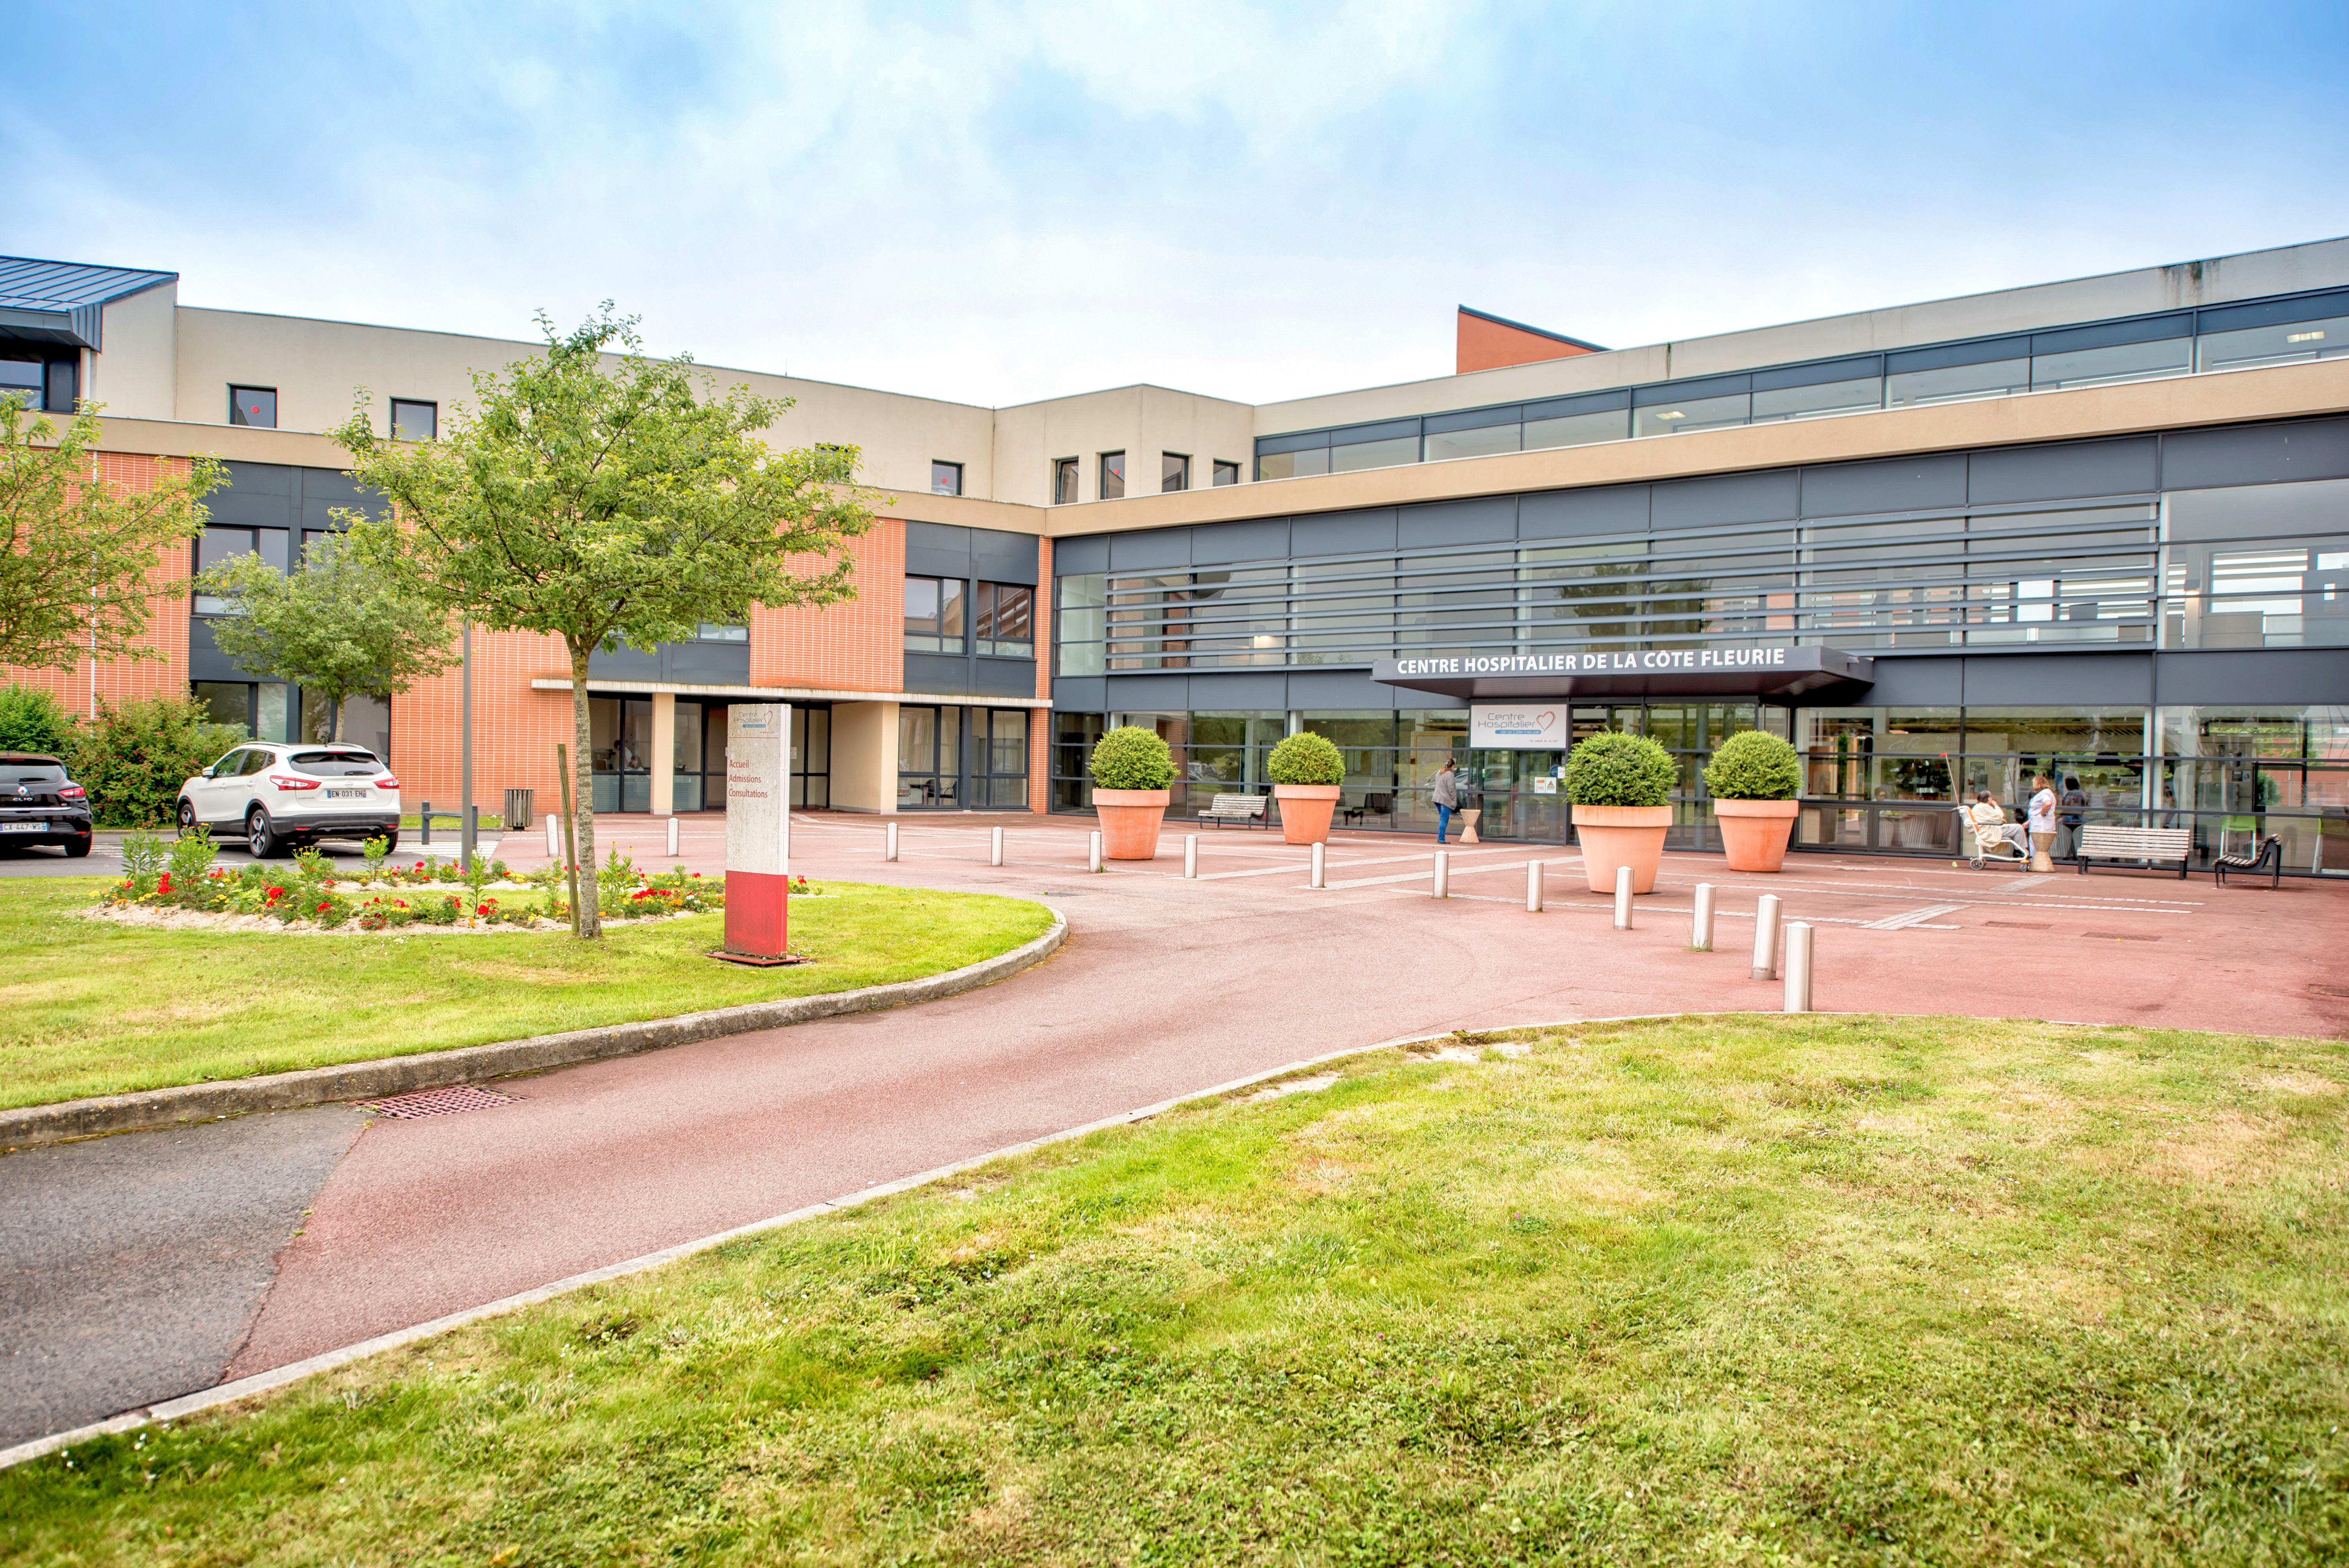 Centre hospitalier intercommunal de la Côte Fleurie (Honfleur)